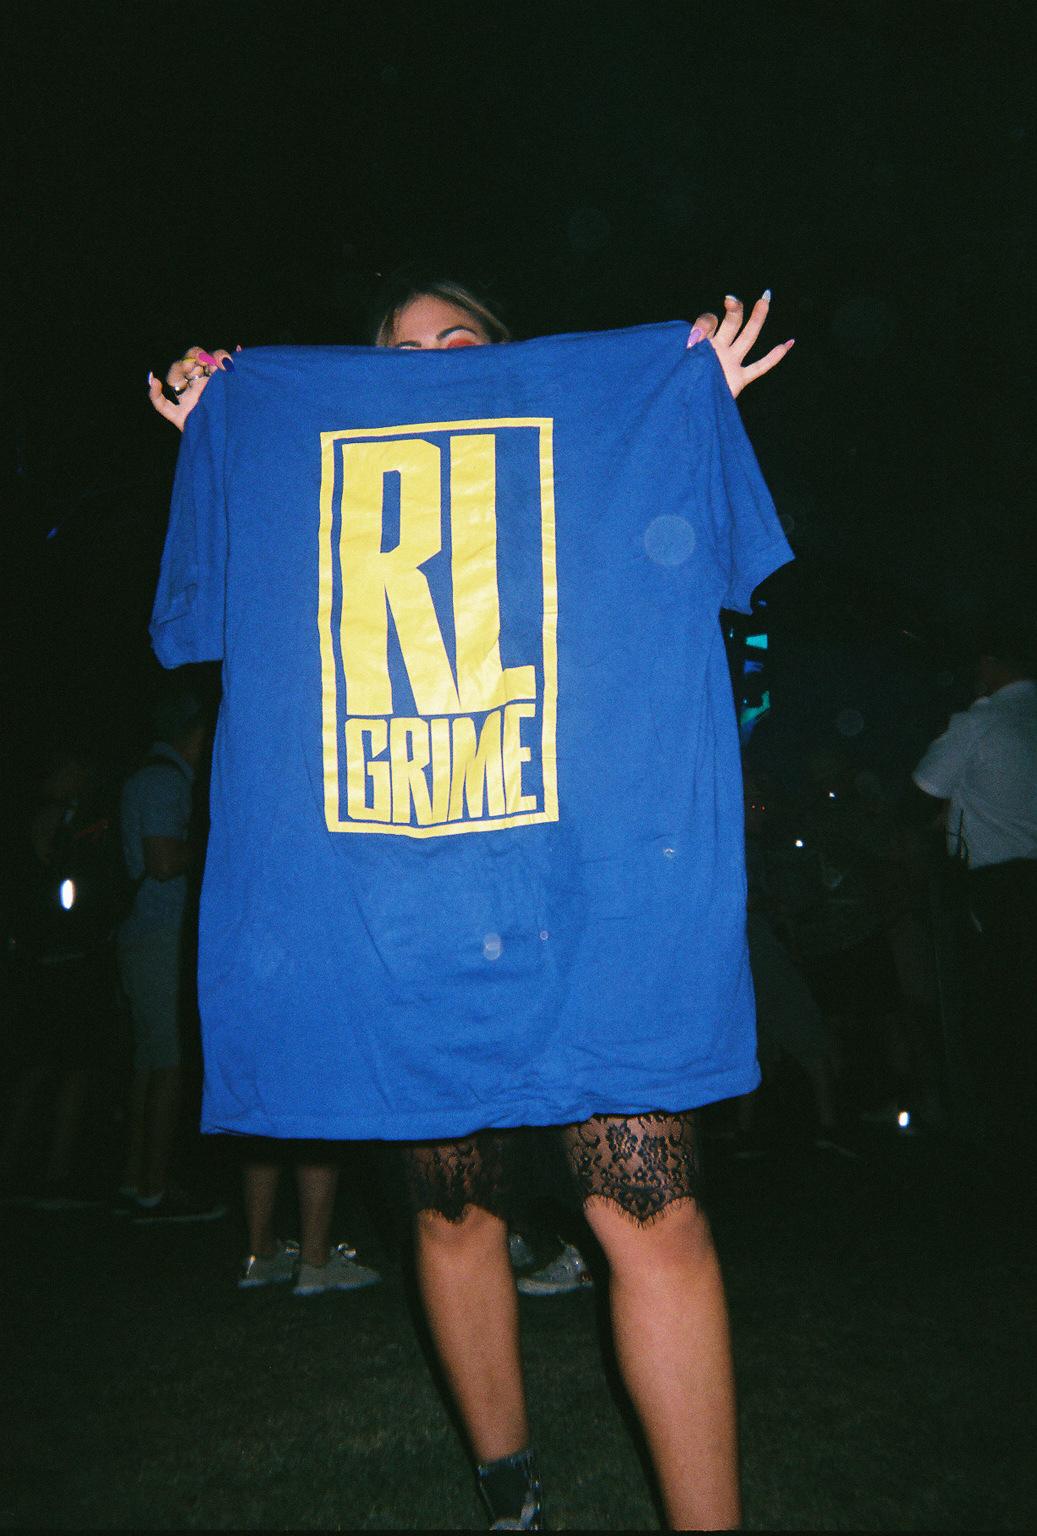 Said RL Grime t-shirt